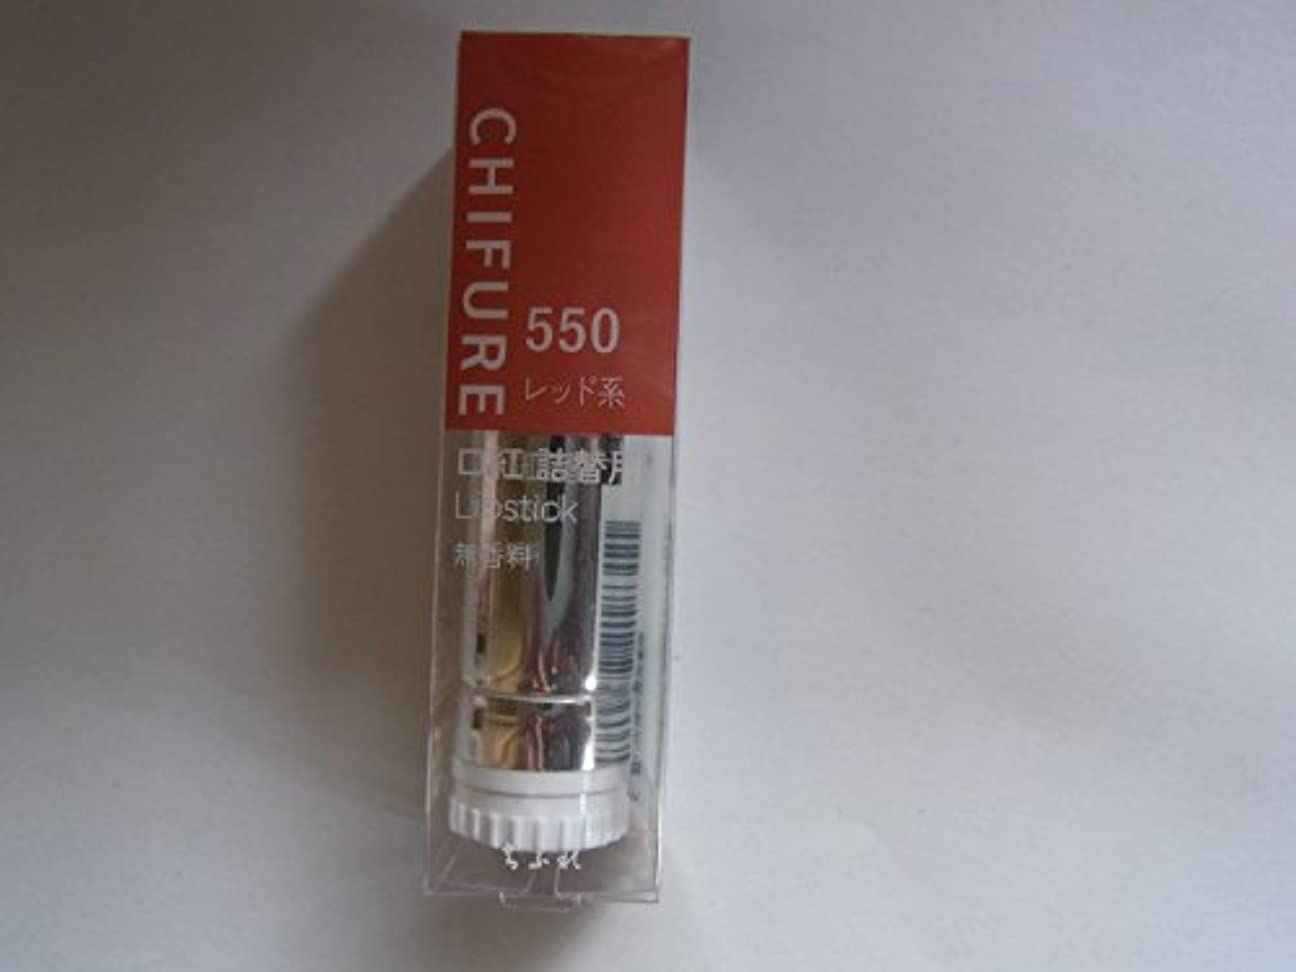 ファセット複雑でないキャラバンちふれ化粧品 口紅 レッド系550